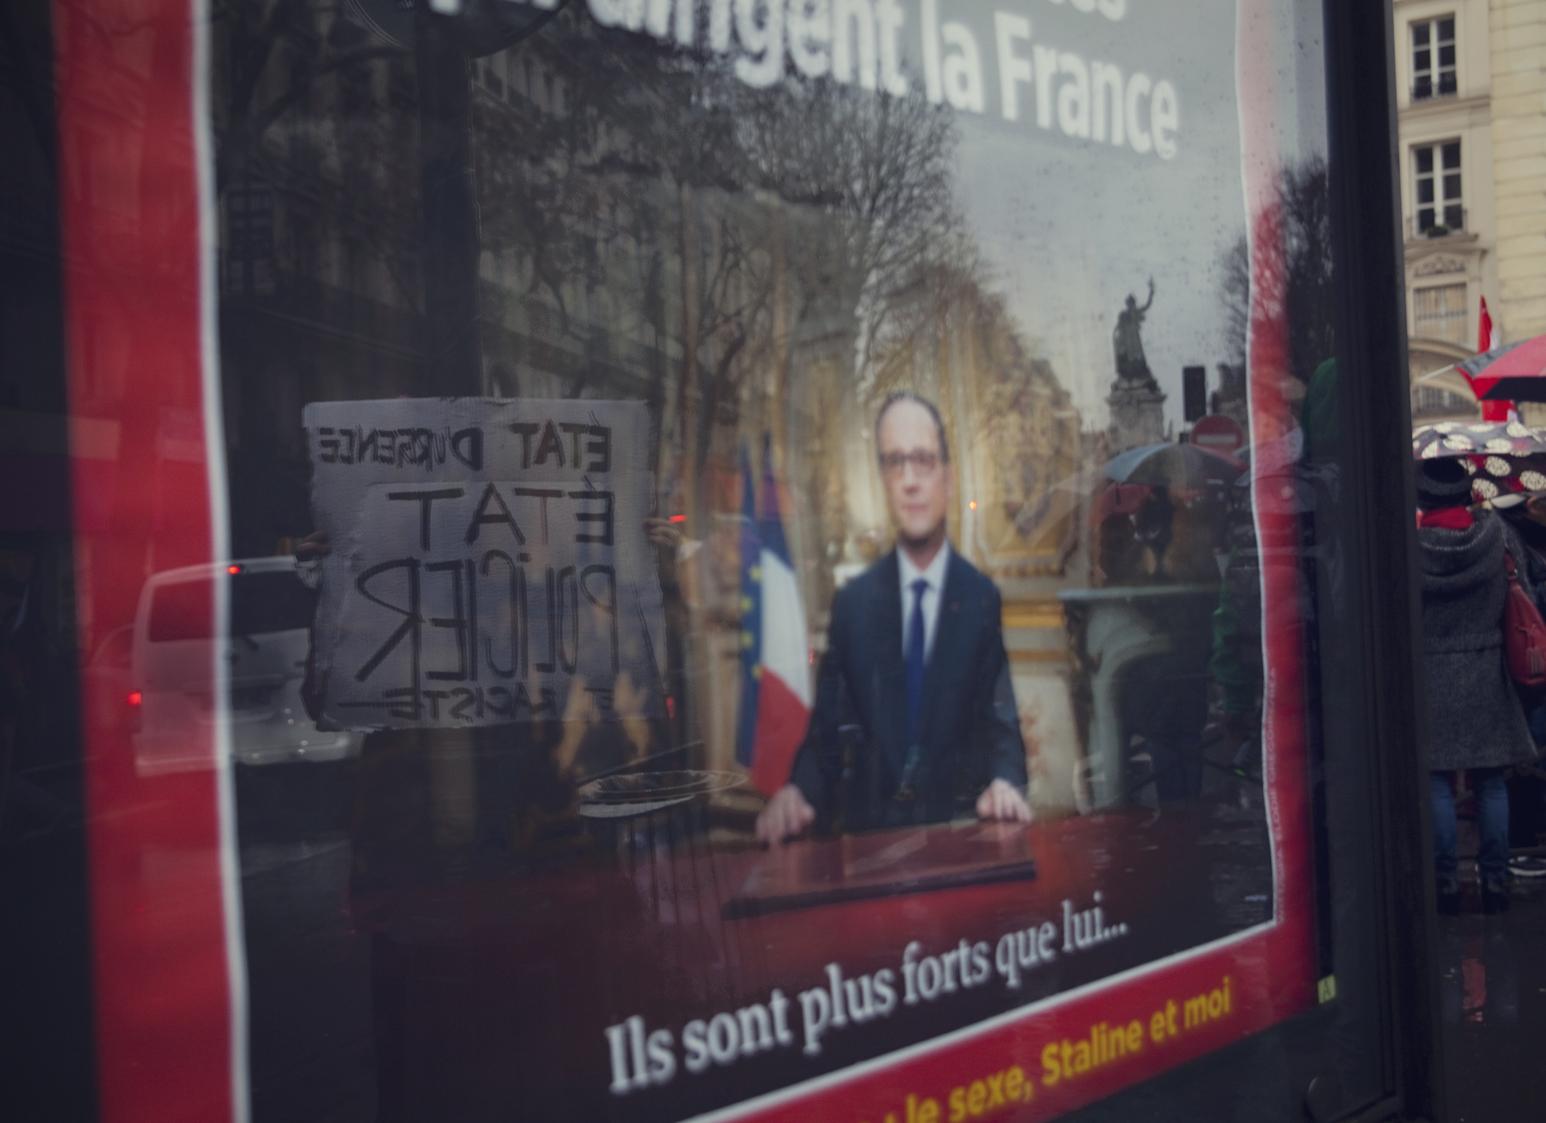 Manifestation contre l'état d'urgence - Janvier 2016 / Paris